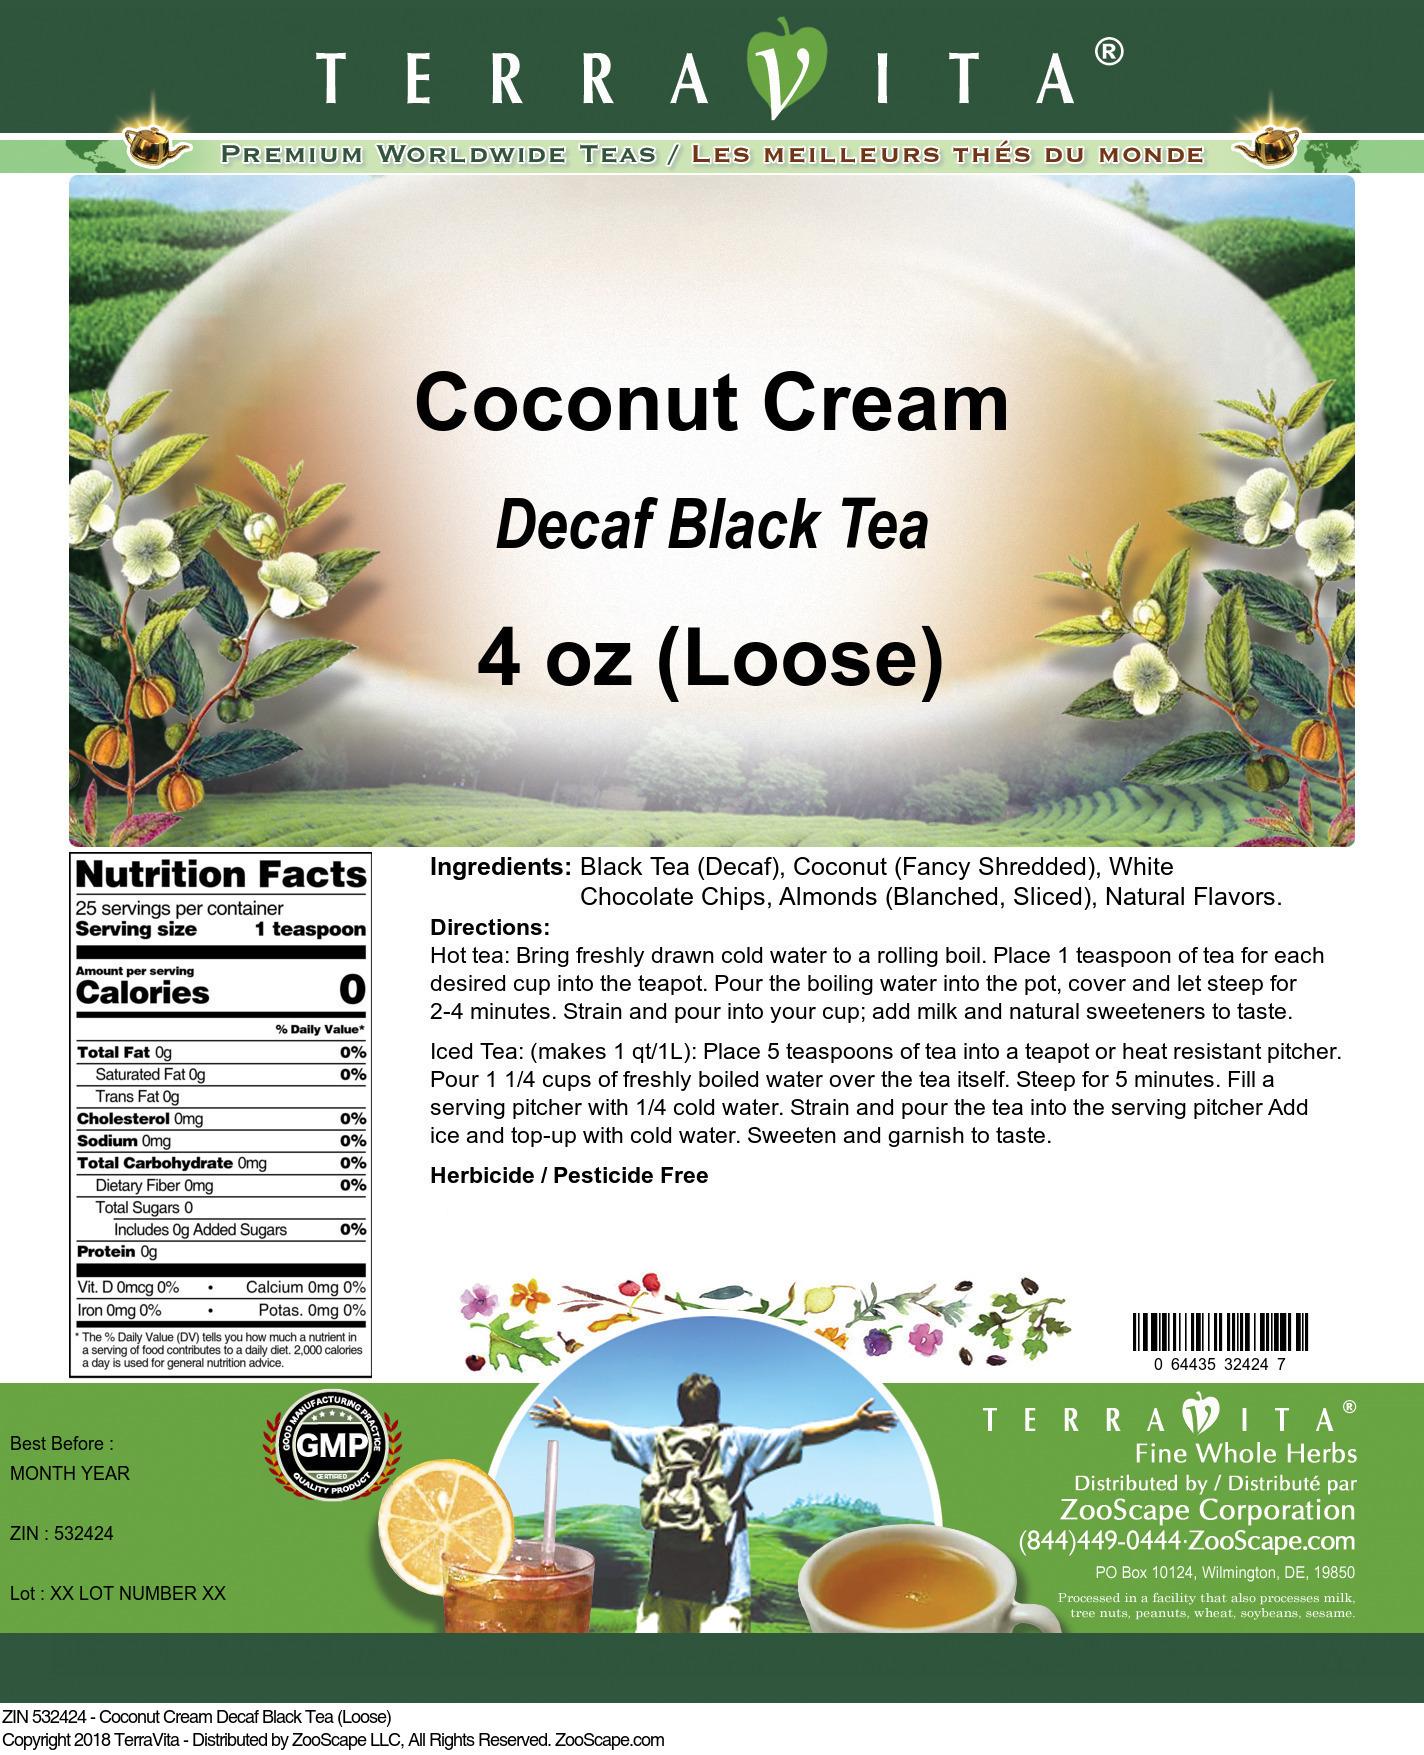 Coconut Cream Decaf Black Tea